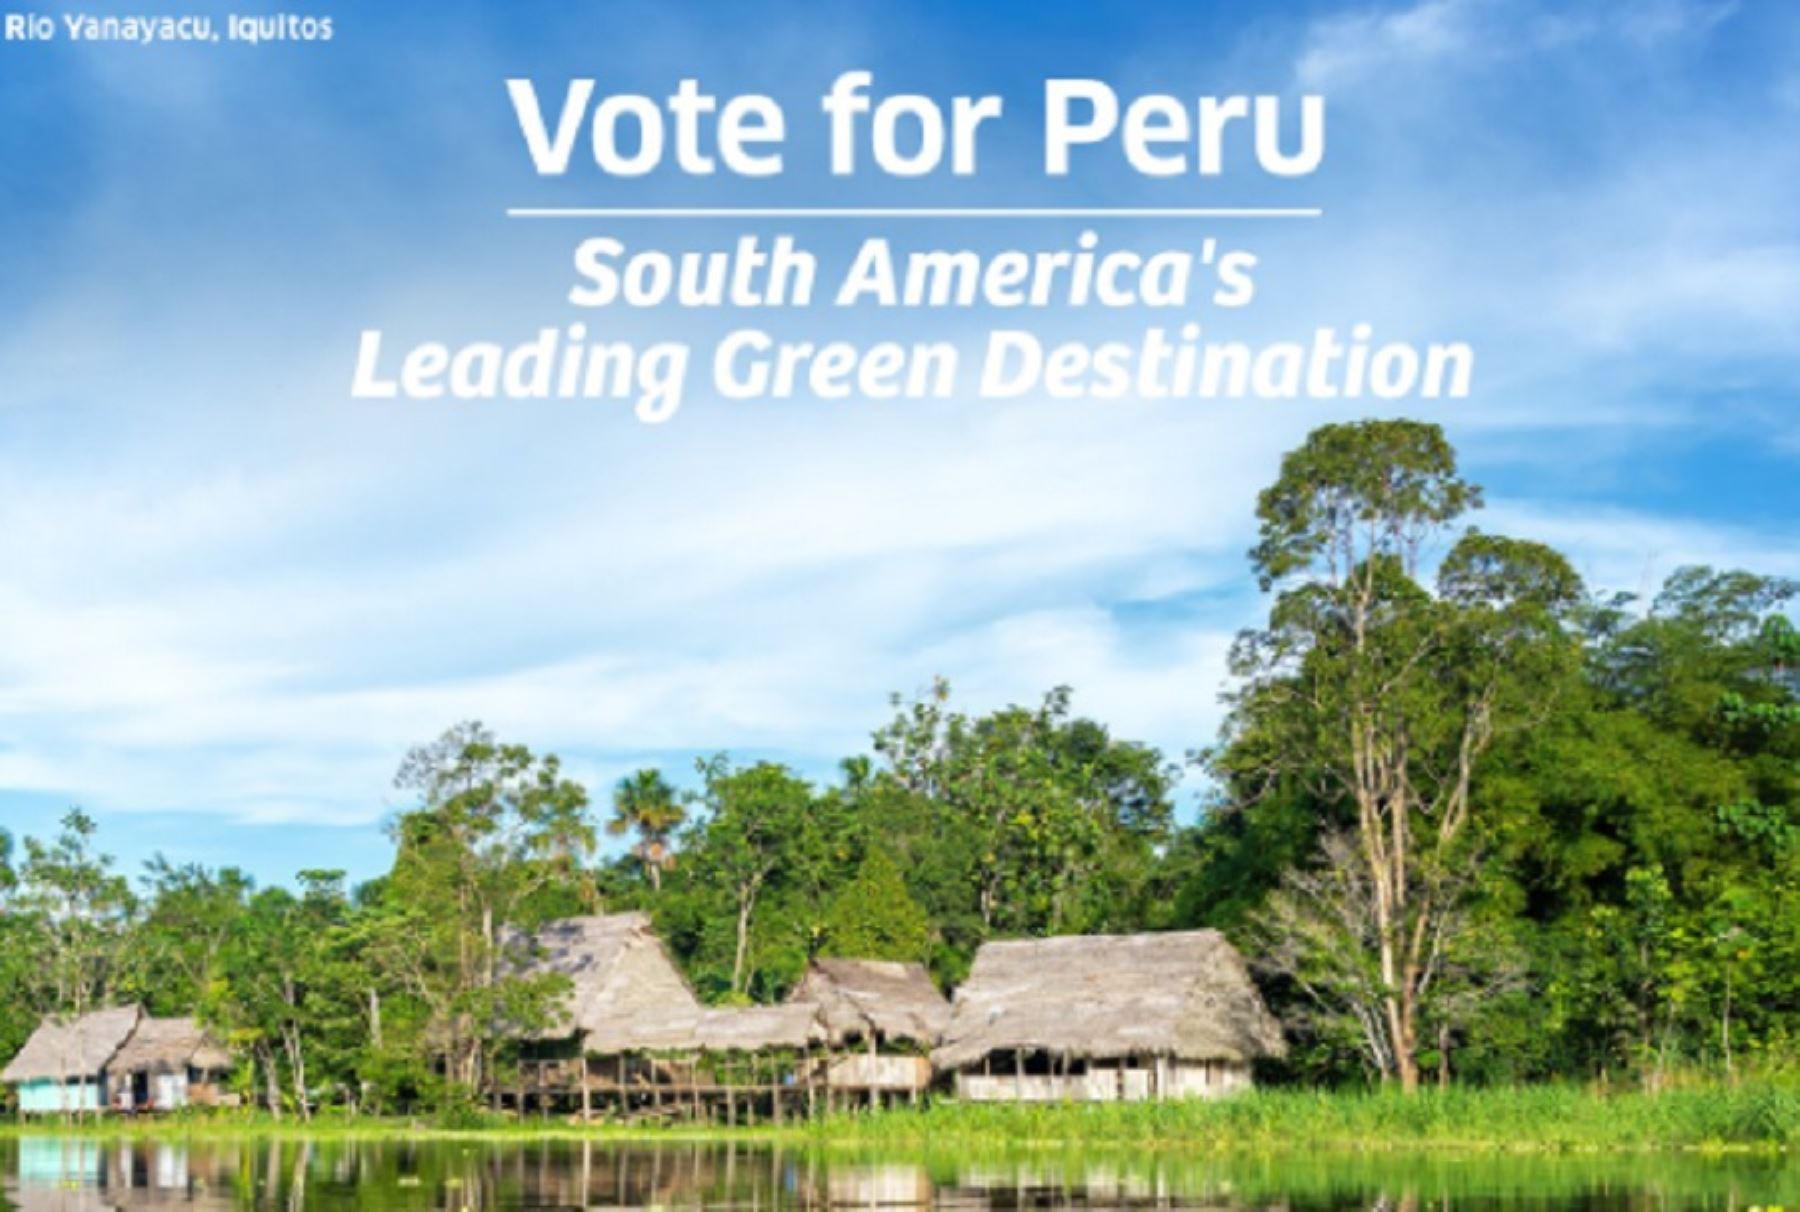 El Perú aspira ser, por segundo año consecutivo y por quinta vez, el mejor Destino Verde Líder de Sudamérica en los World Travel Awards 2021, conocidos como los premios Óscar del Turismo.